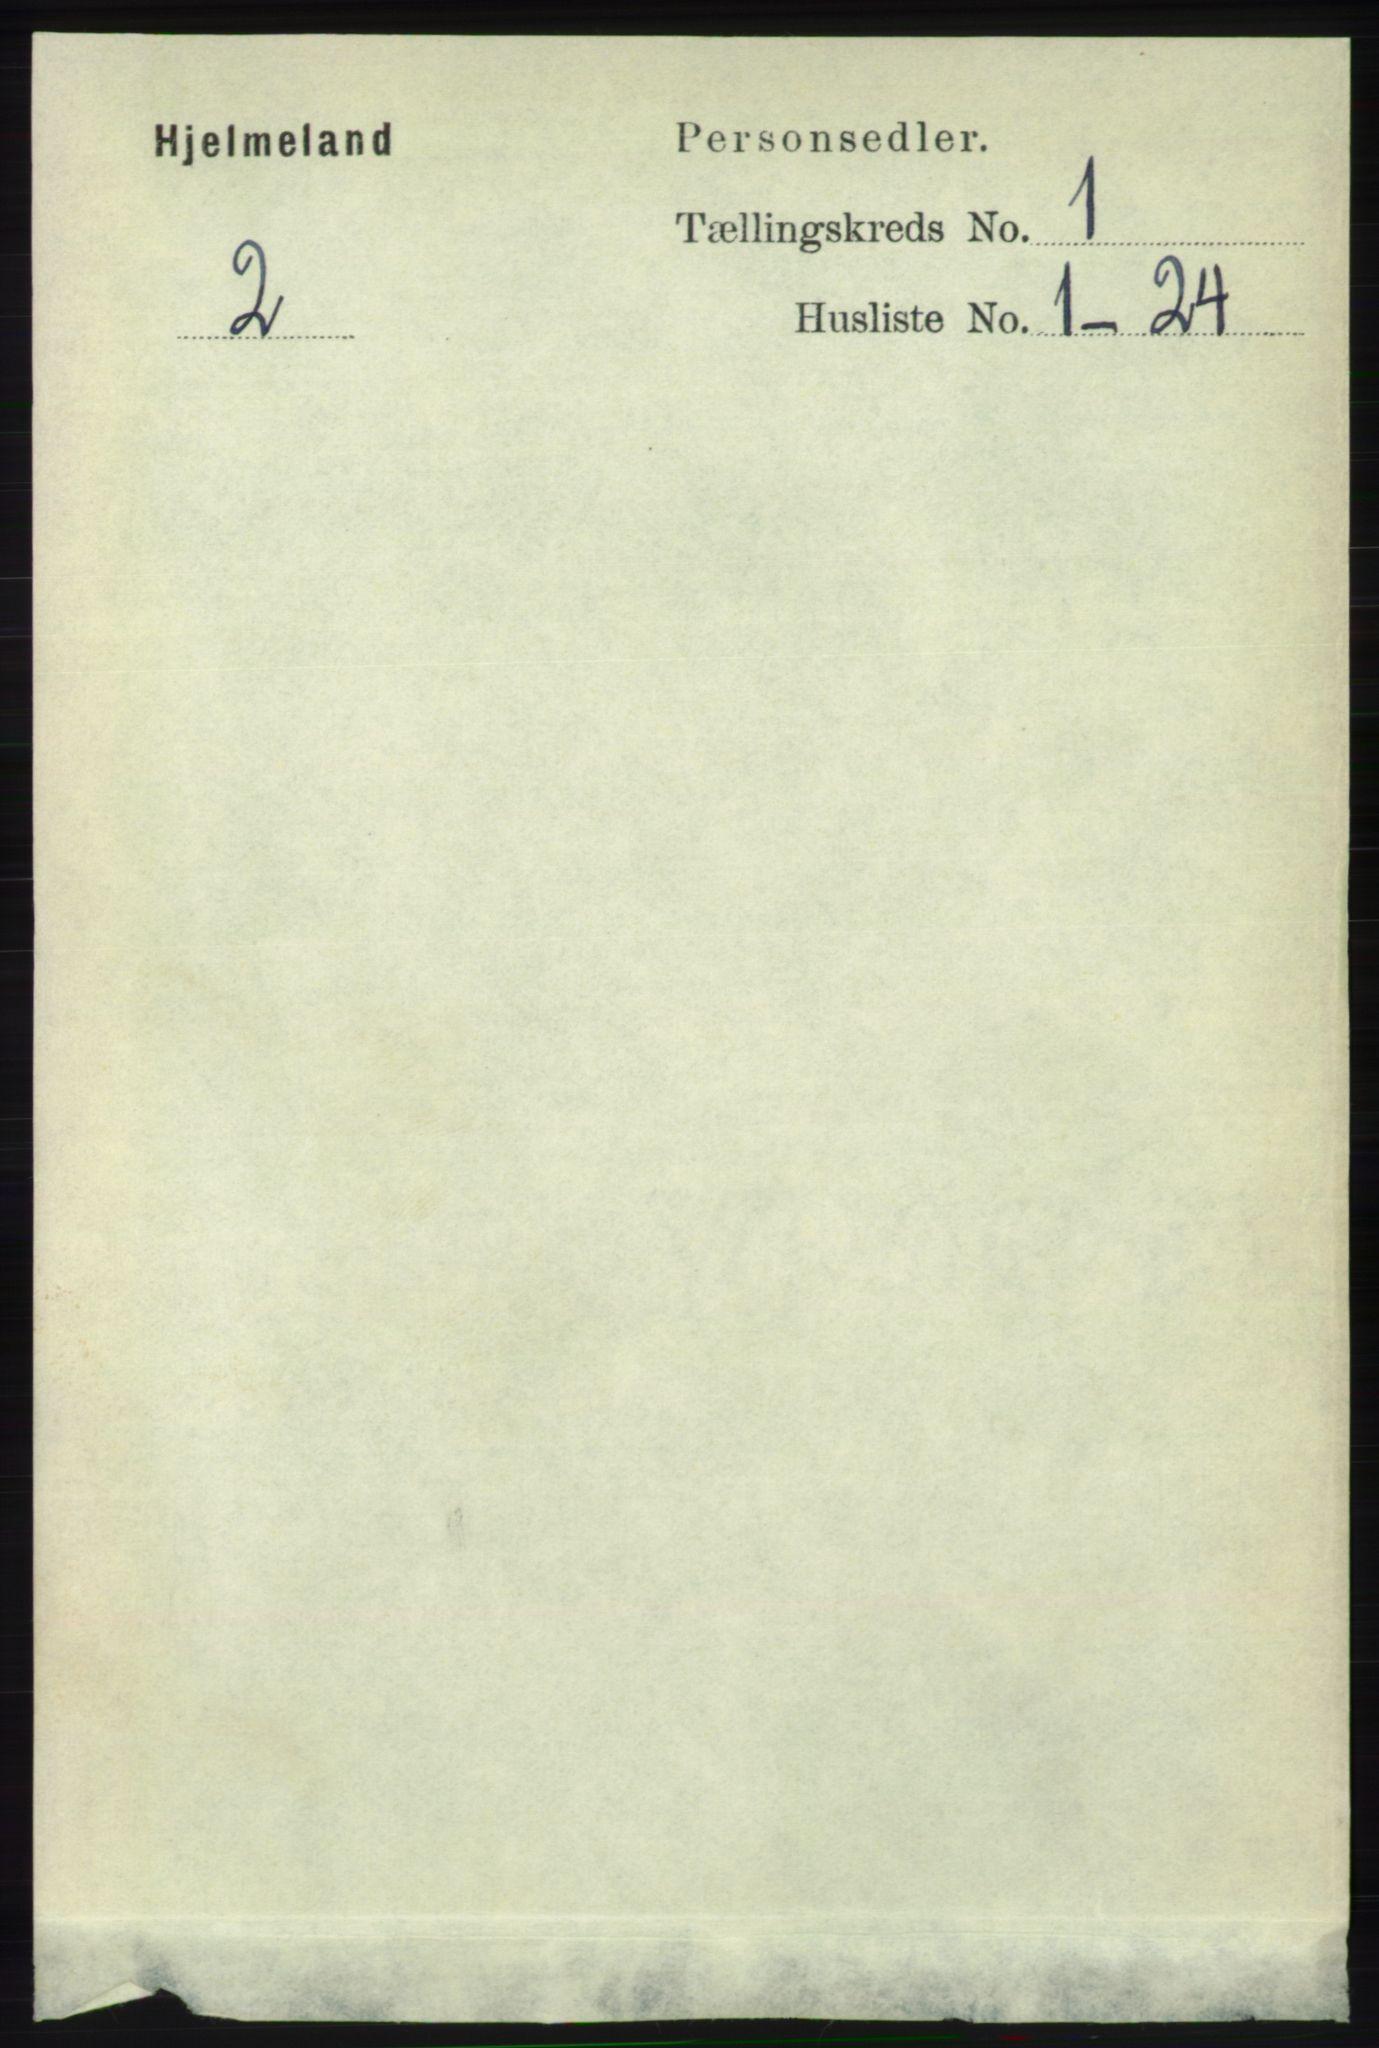 RA, Folketelling 1891 for 1133 Hjelmeland herred, 1891, s. 76